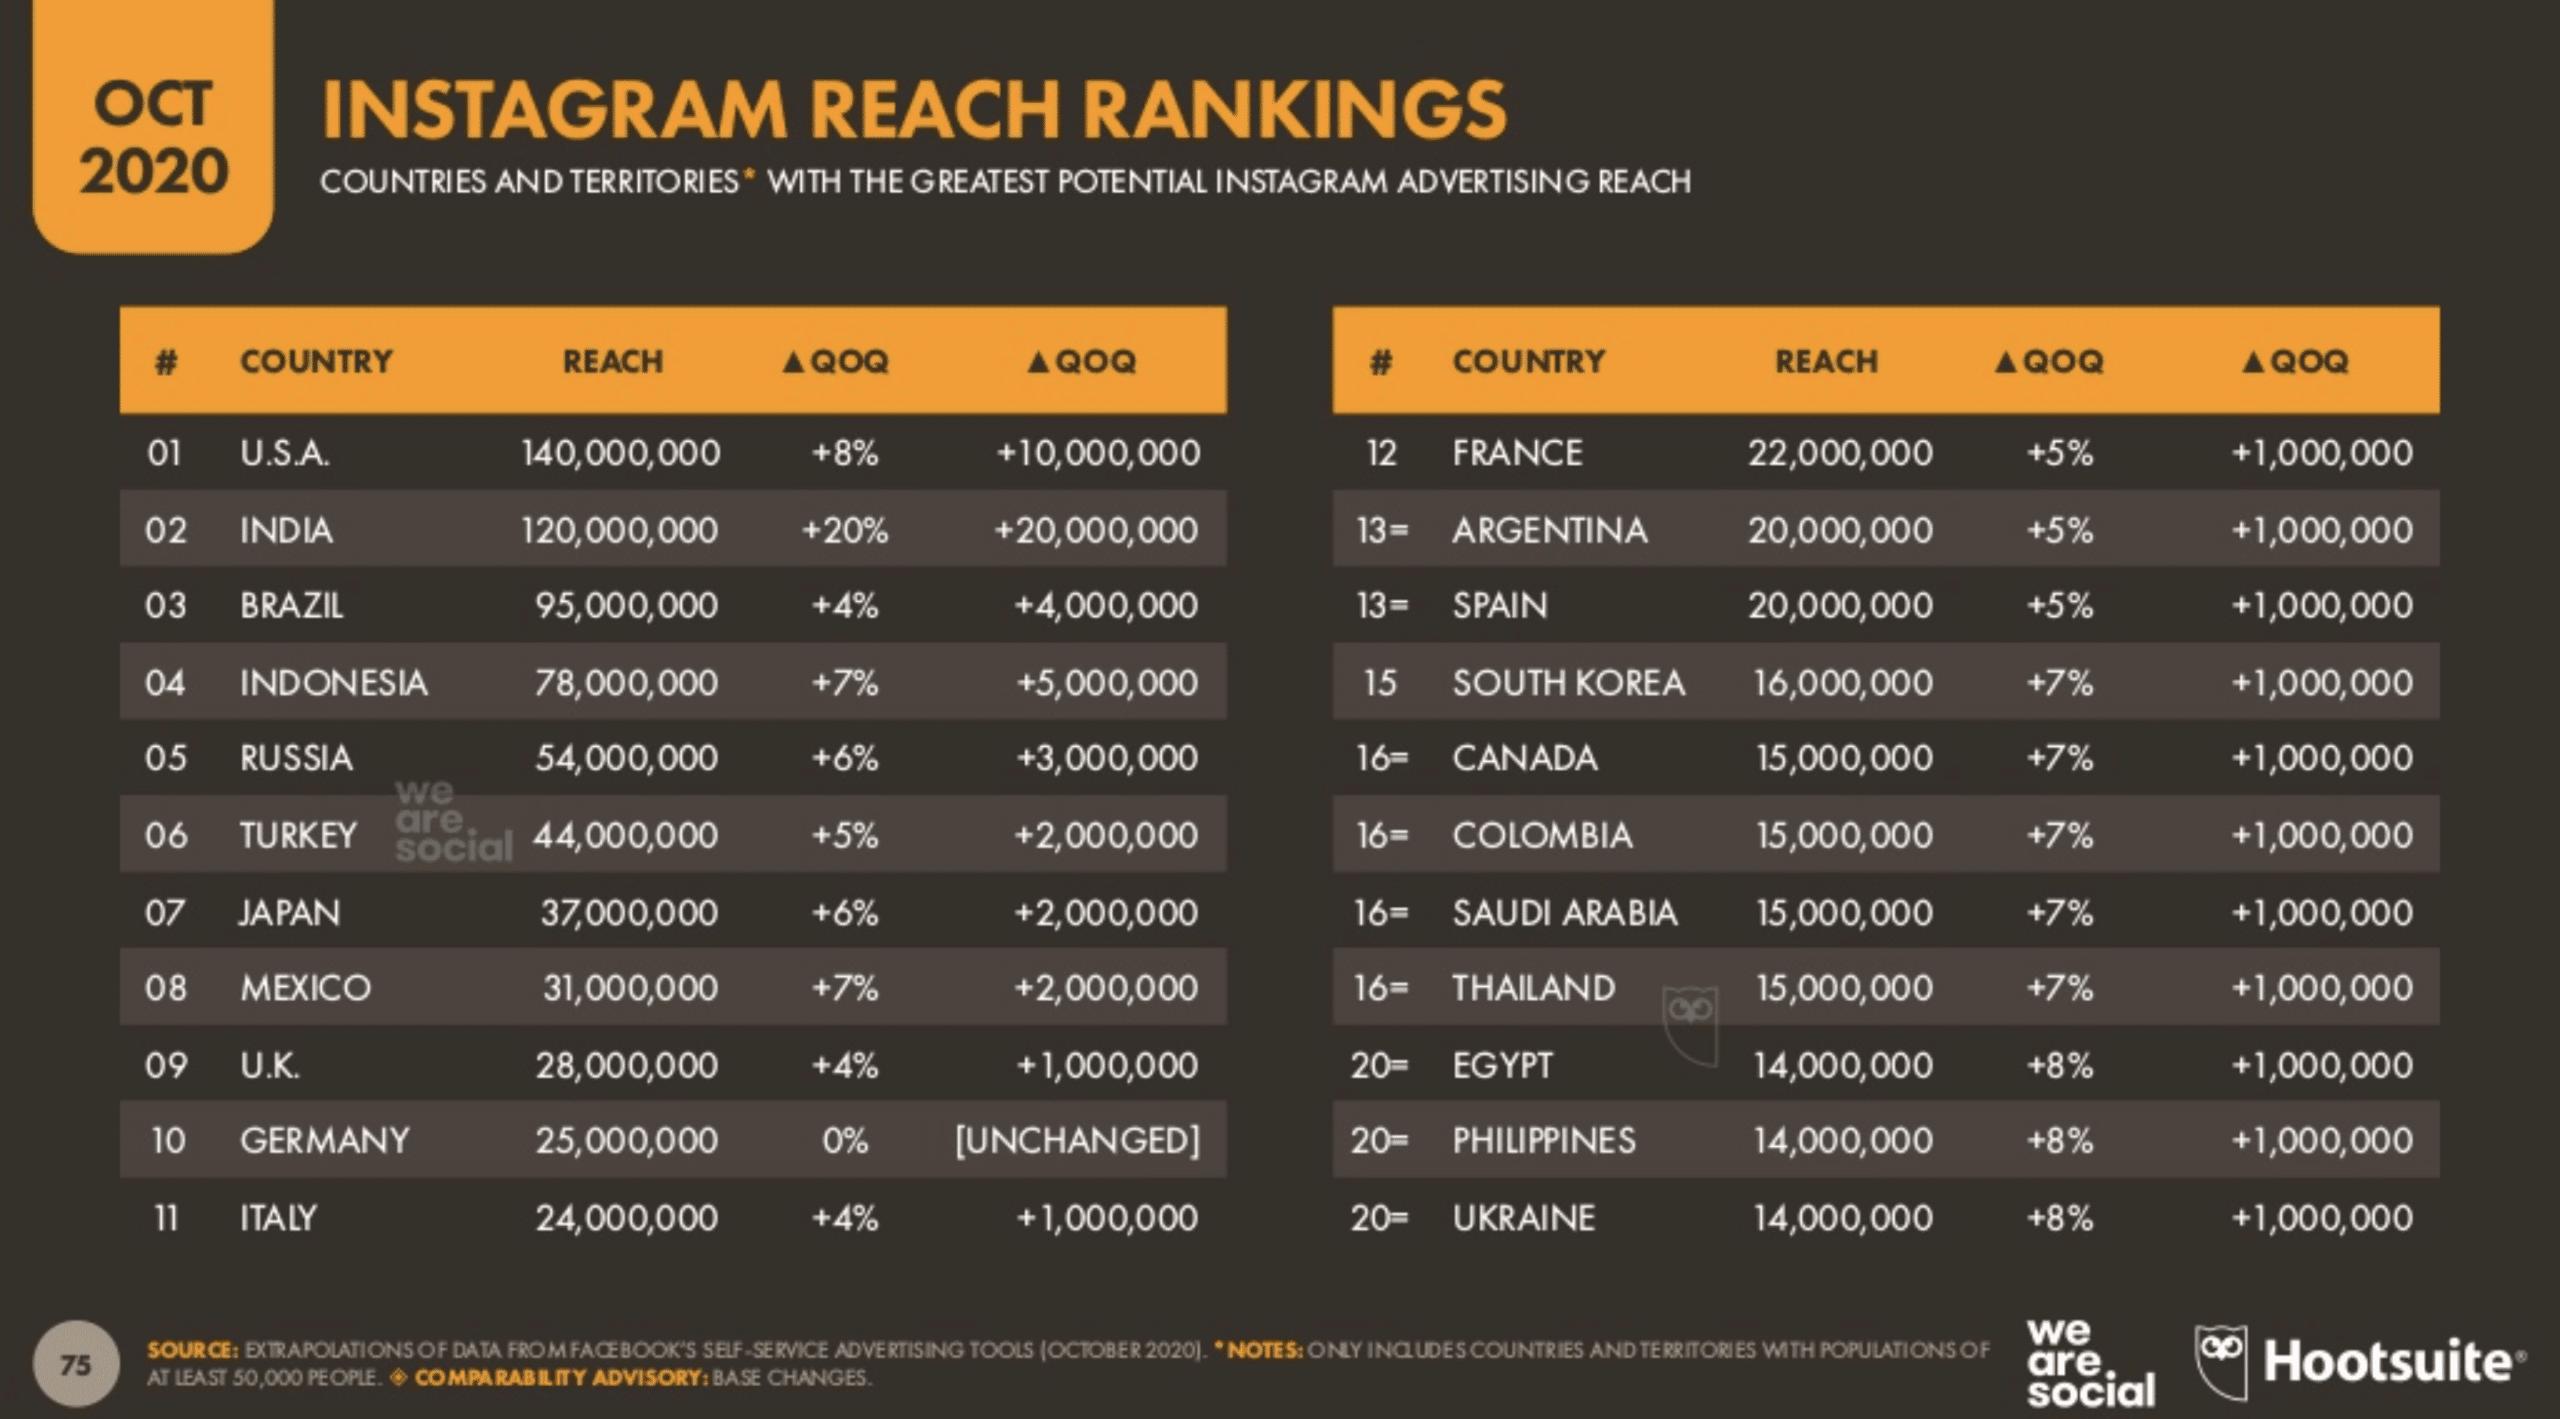 Instagram advertising reach rankings